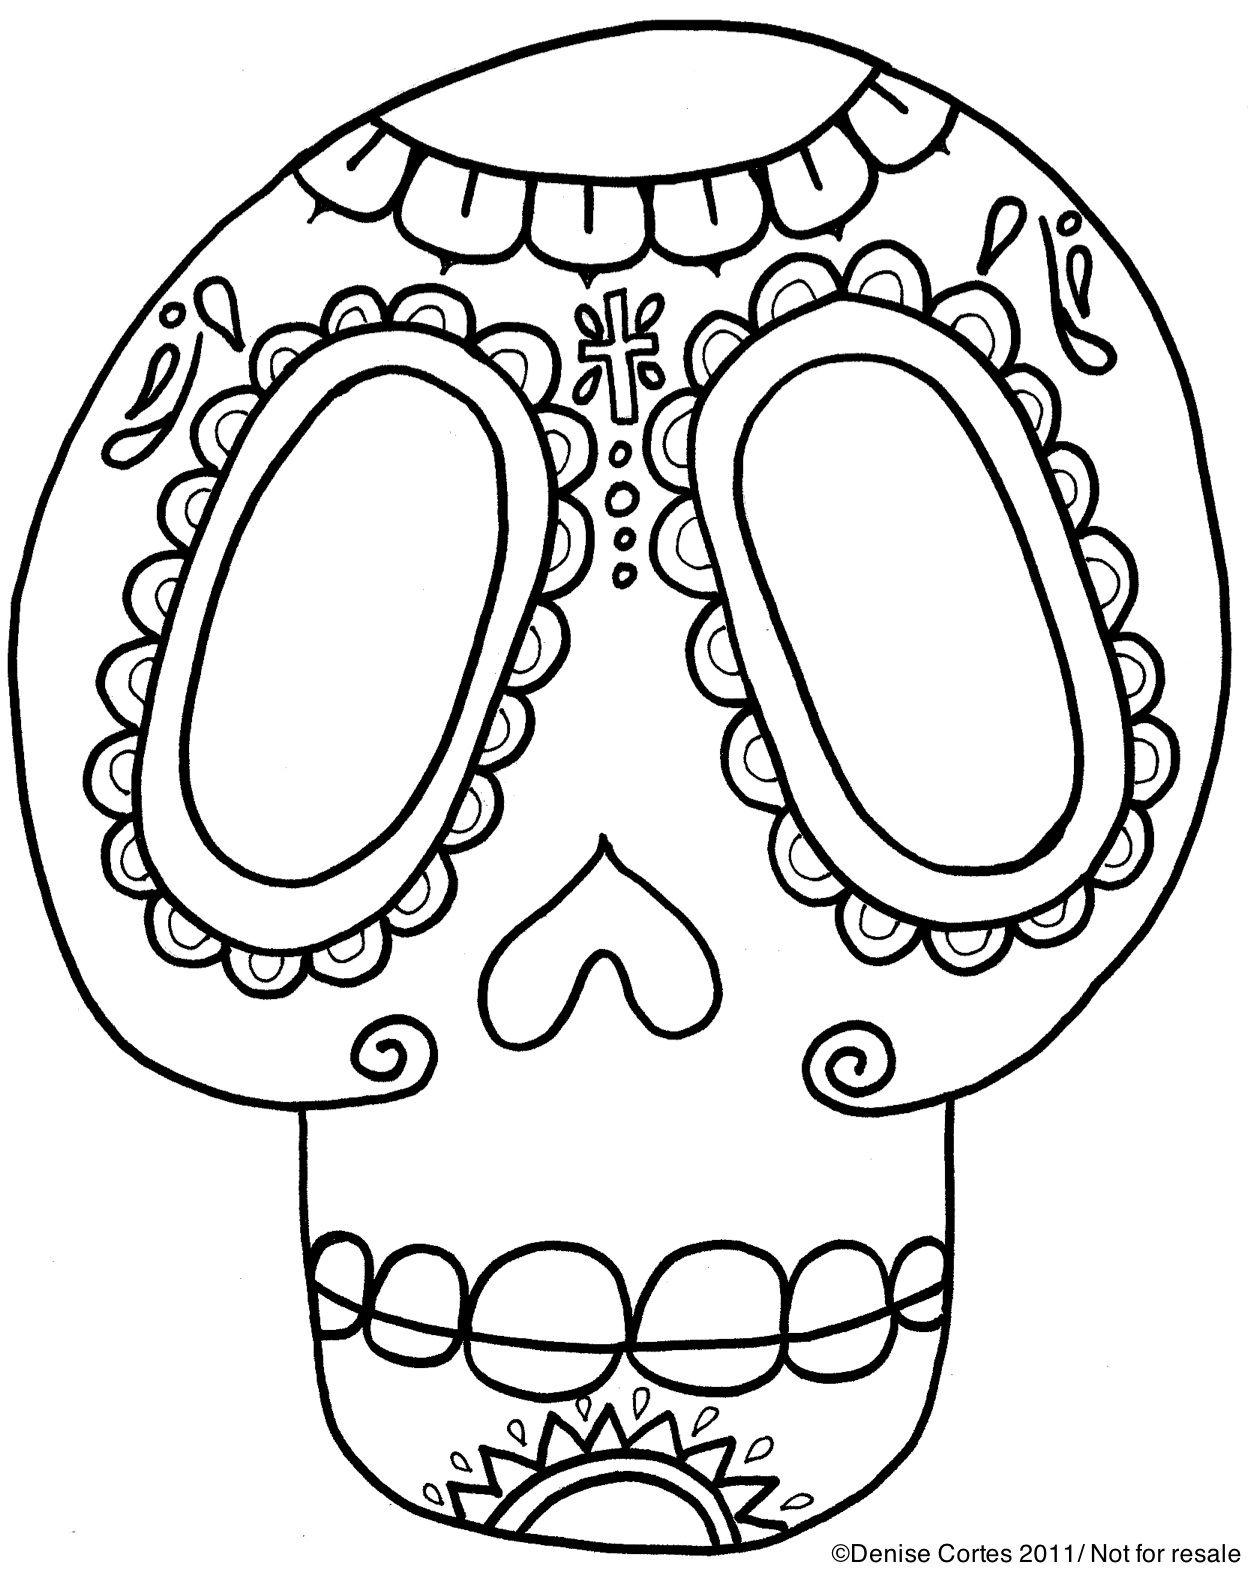 dia de los muertos printable coloring pages dia de los muertos coloring pages to download and print pages printable los dia de muertos coloring